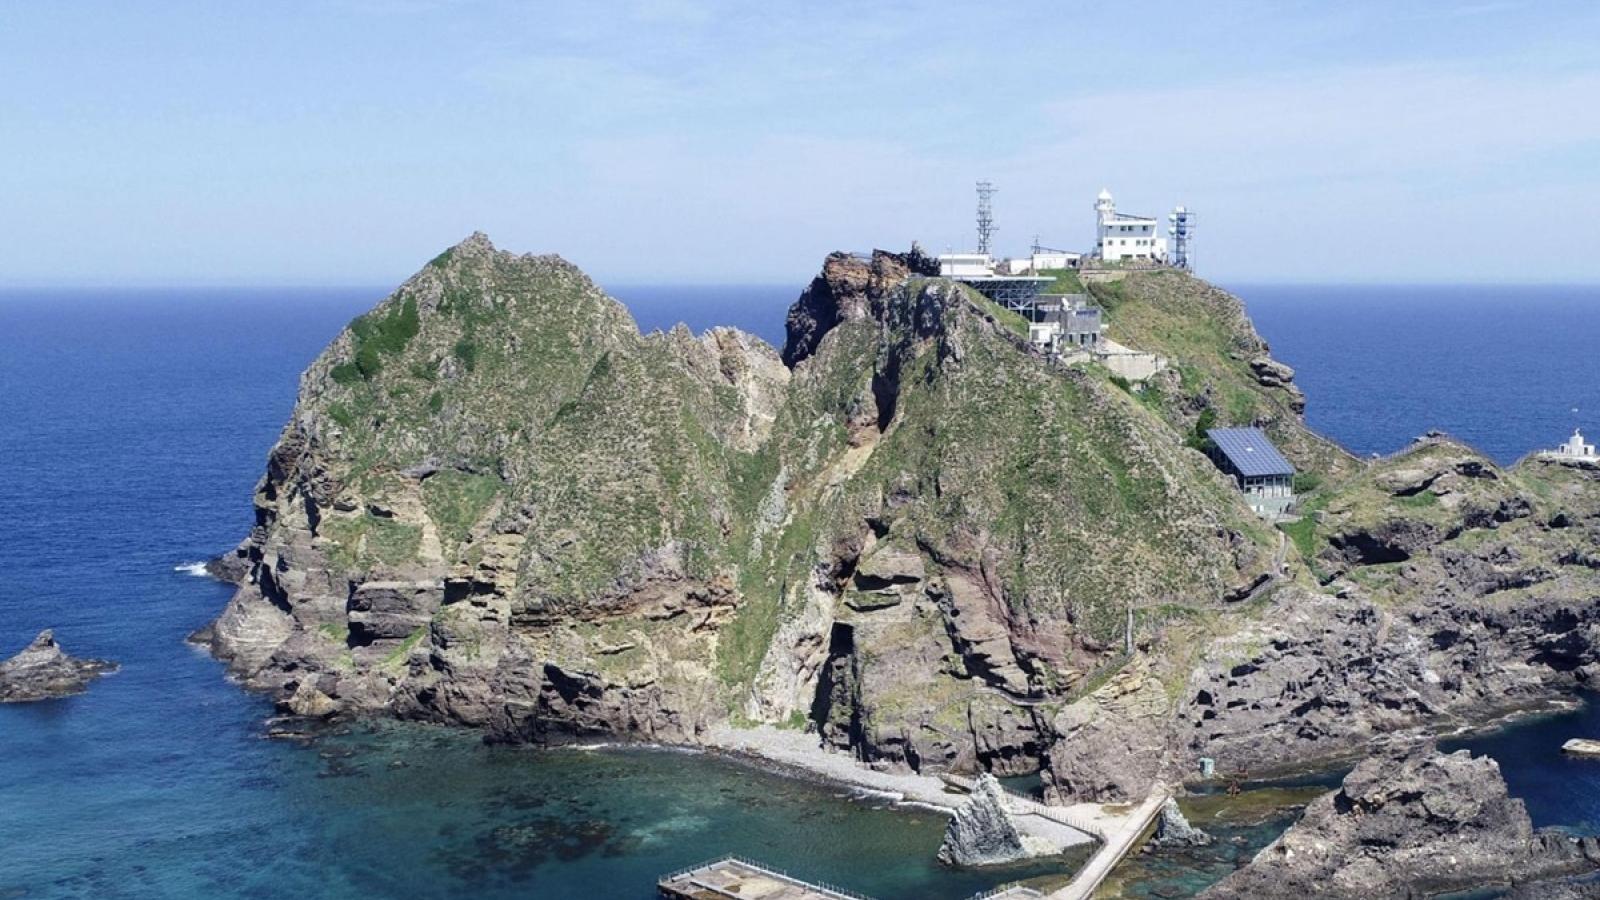 Hàn Quốc triệu Công sứ Nhật Bản, phản đối nội dung Sách Xanh